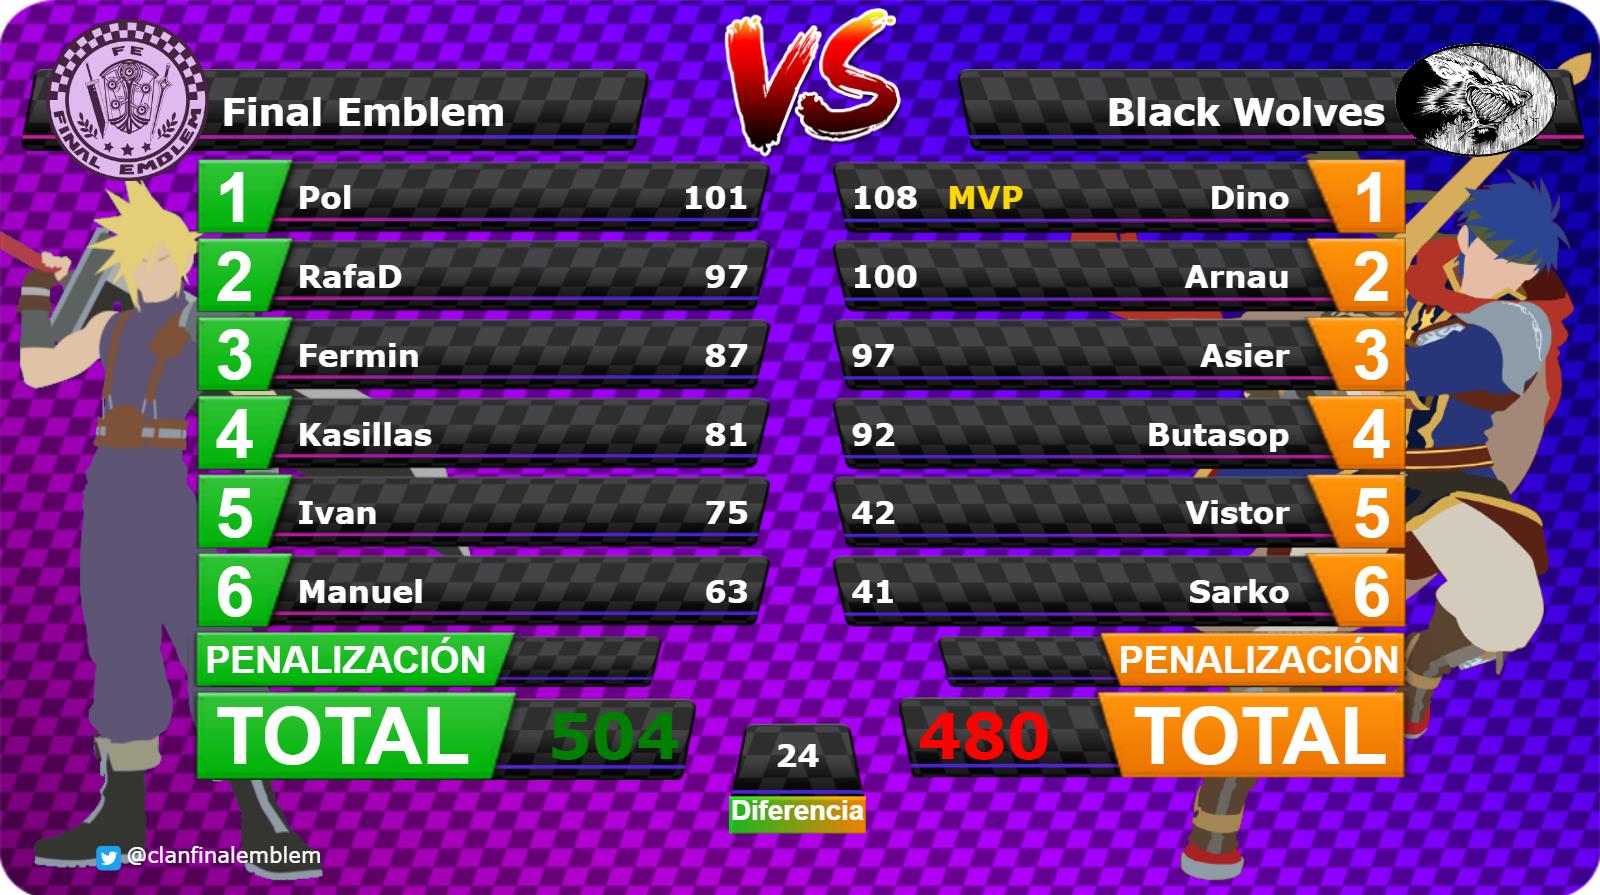 Final Emblem 504-480 Black Wolves 1534092950